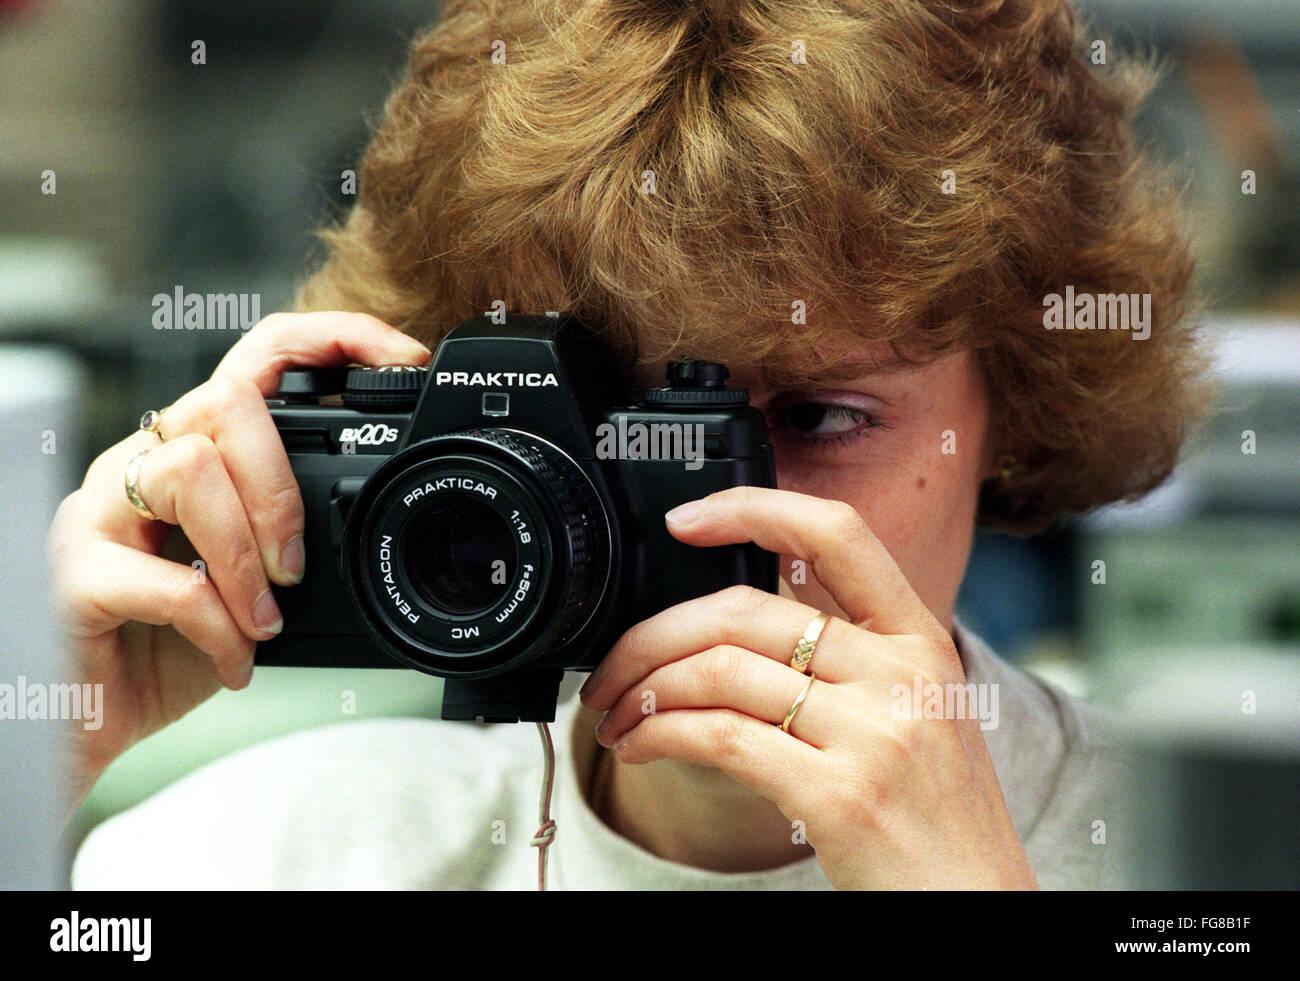 Die 150-jährige Tradition des Kamerabaus in Dresden wird mit der Produktion der Praktica BX20 S in der Jos. - Stock Image